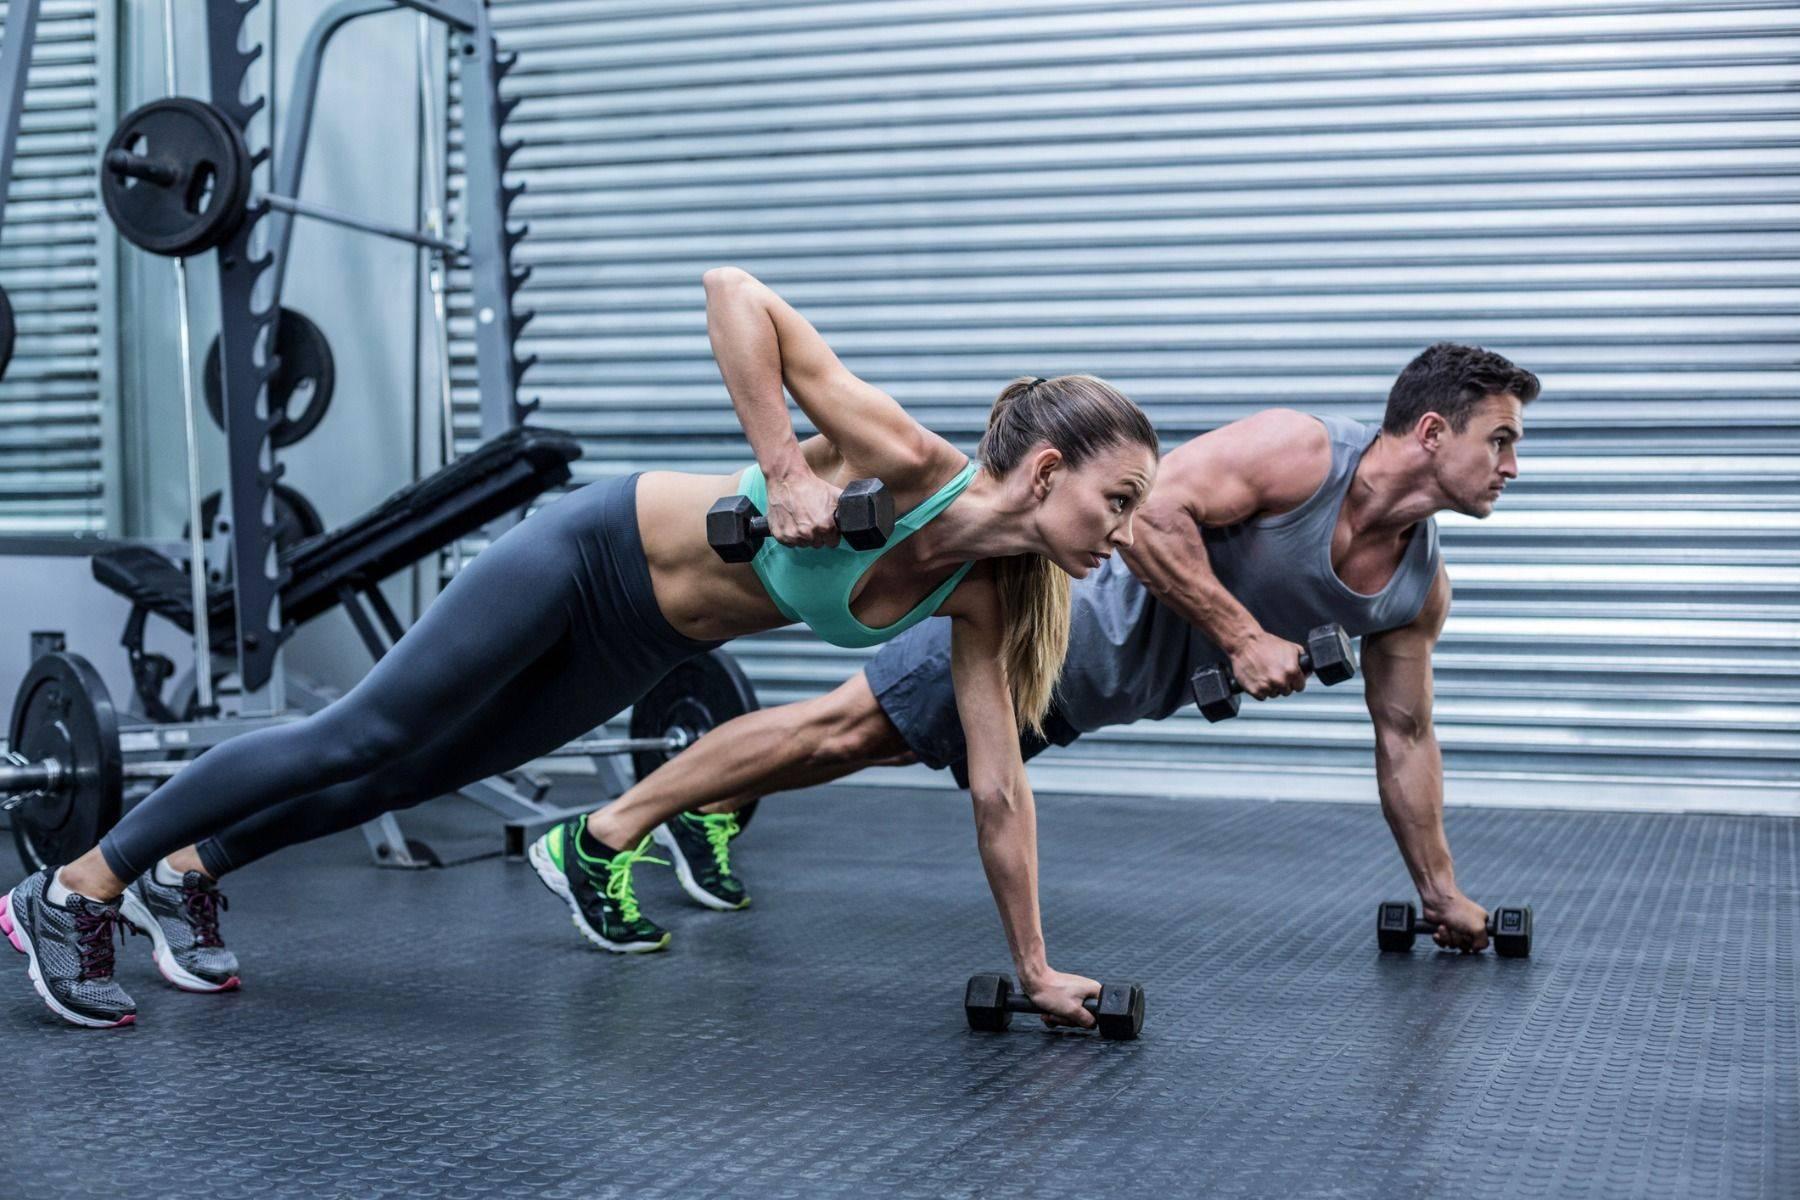 Гибкий график и индивидуальный подход: проведение силовой тренировки после кардио или перед